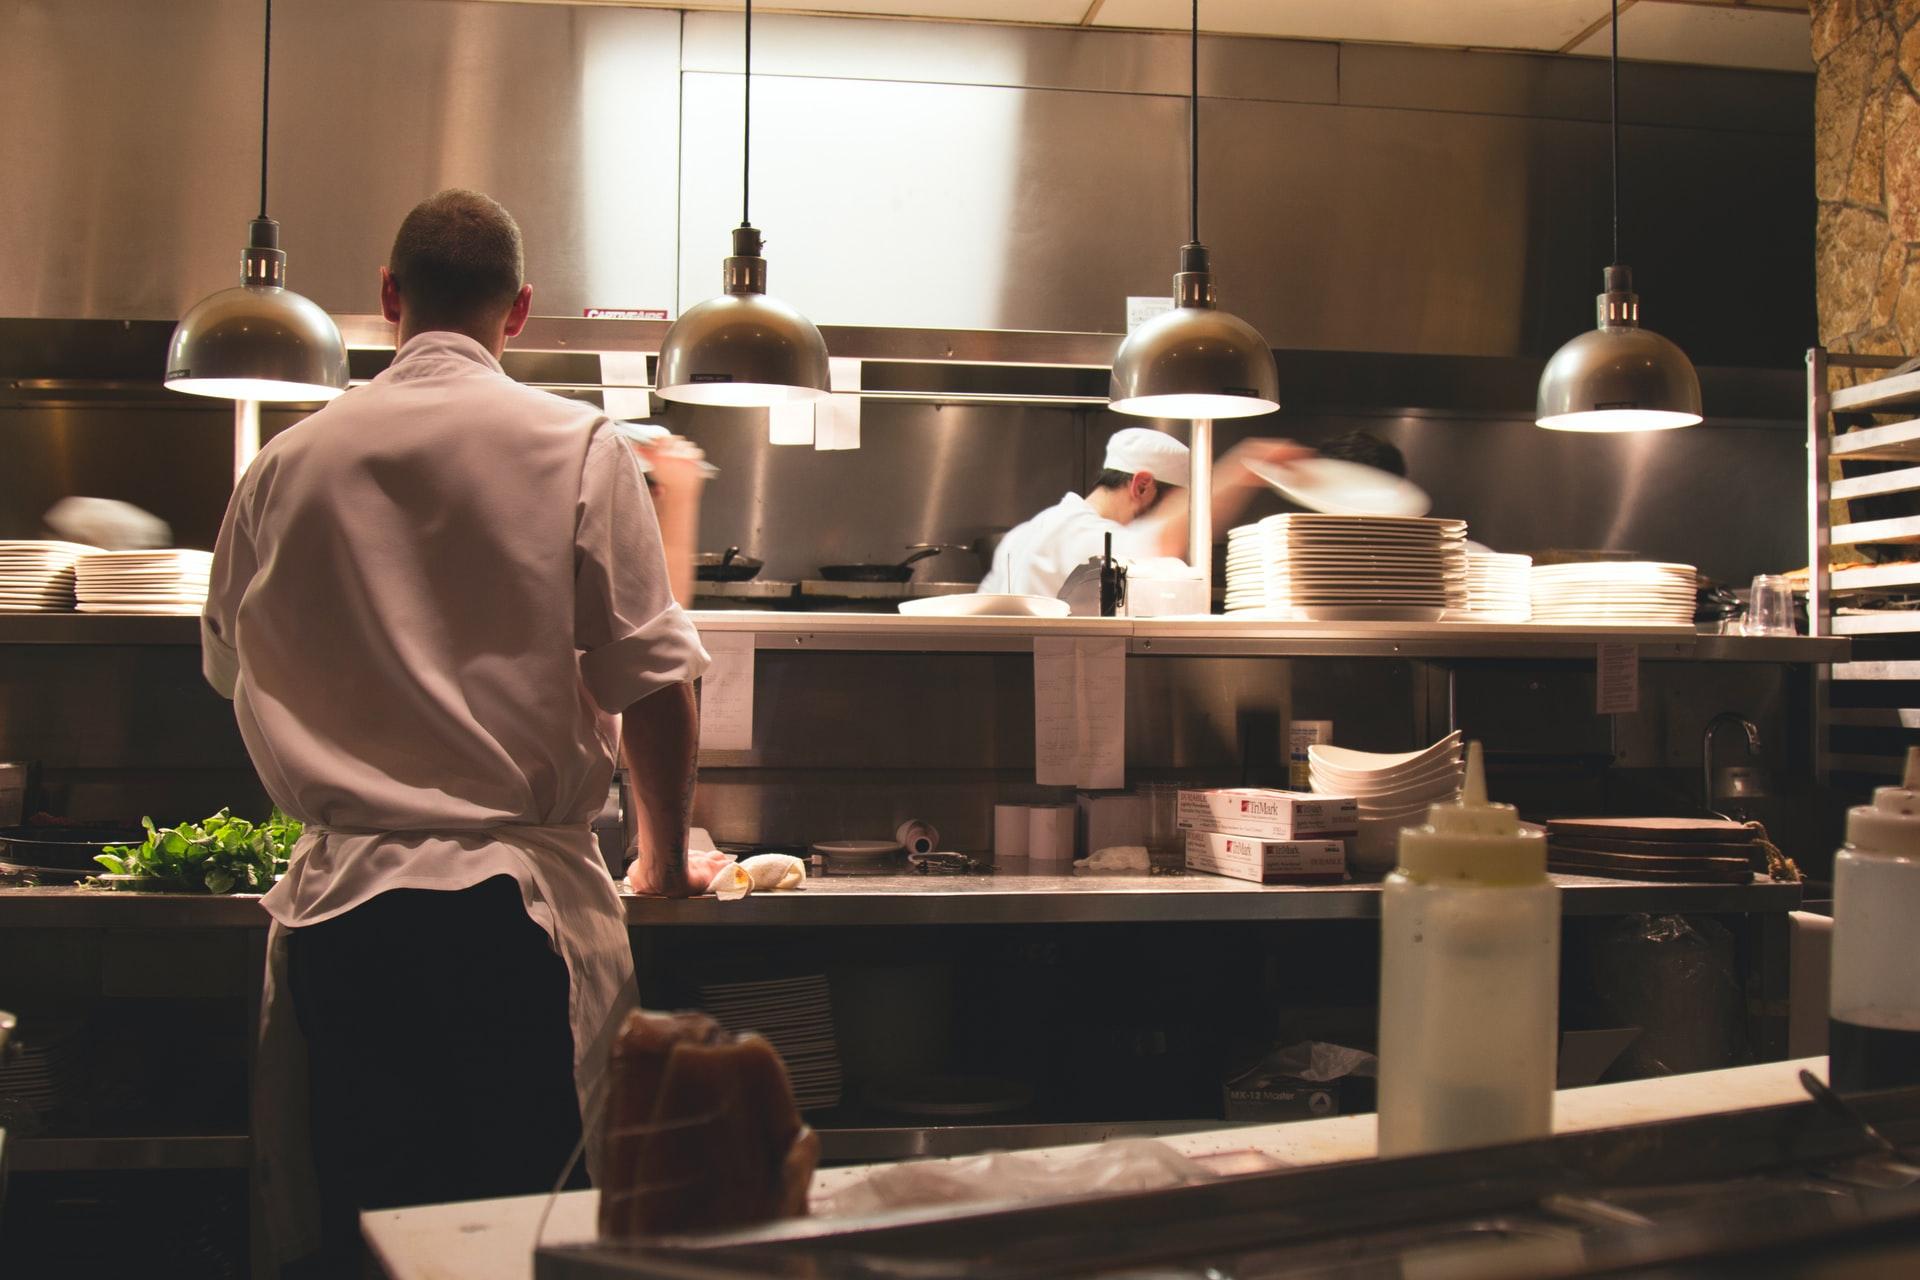 レストランのキッチンの様子